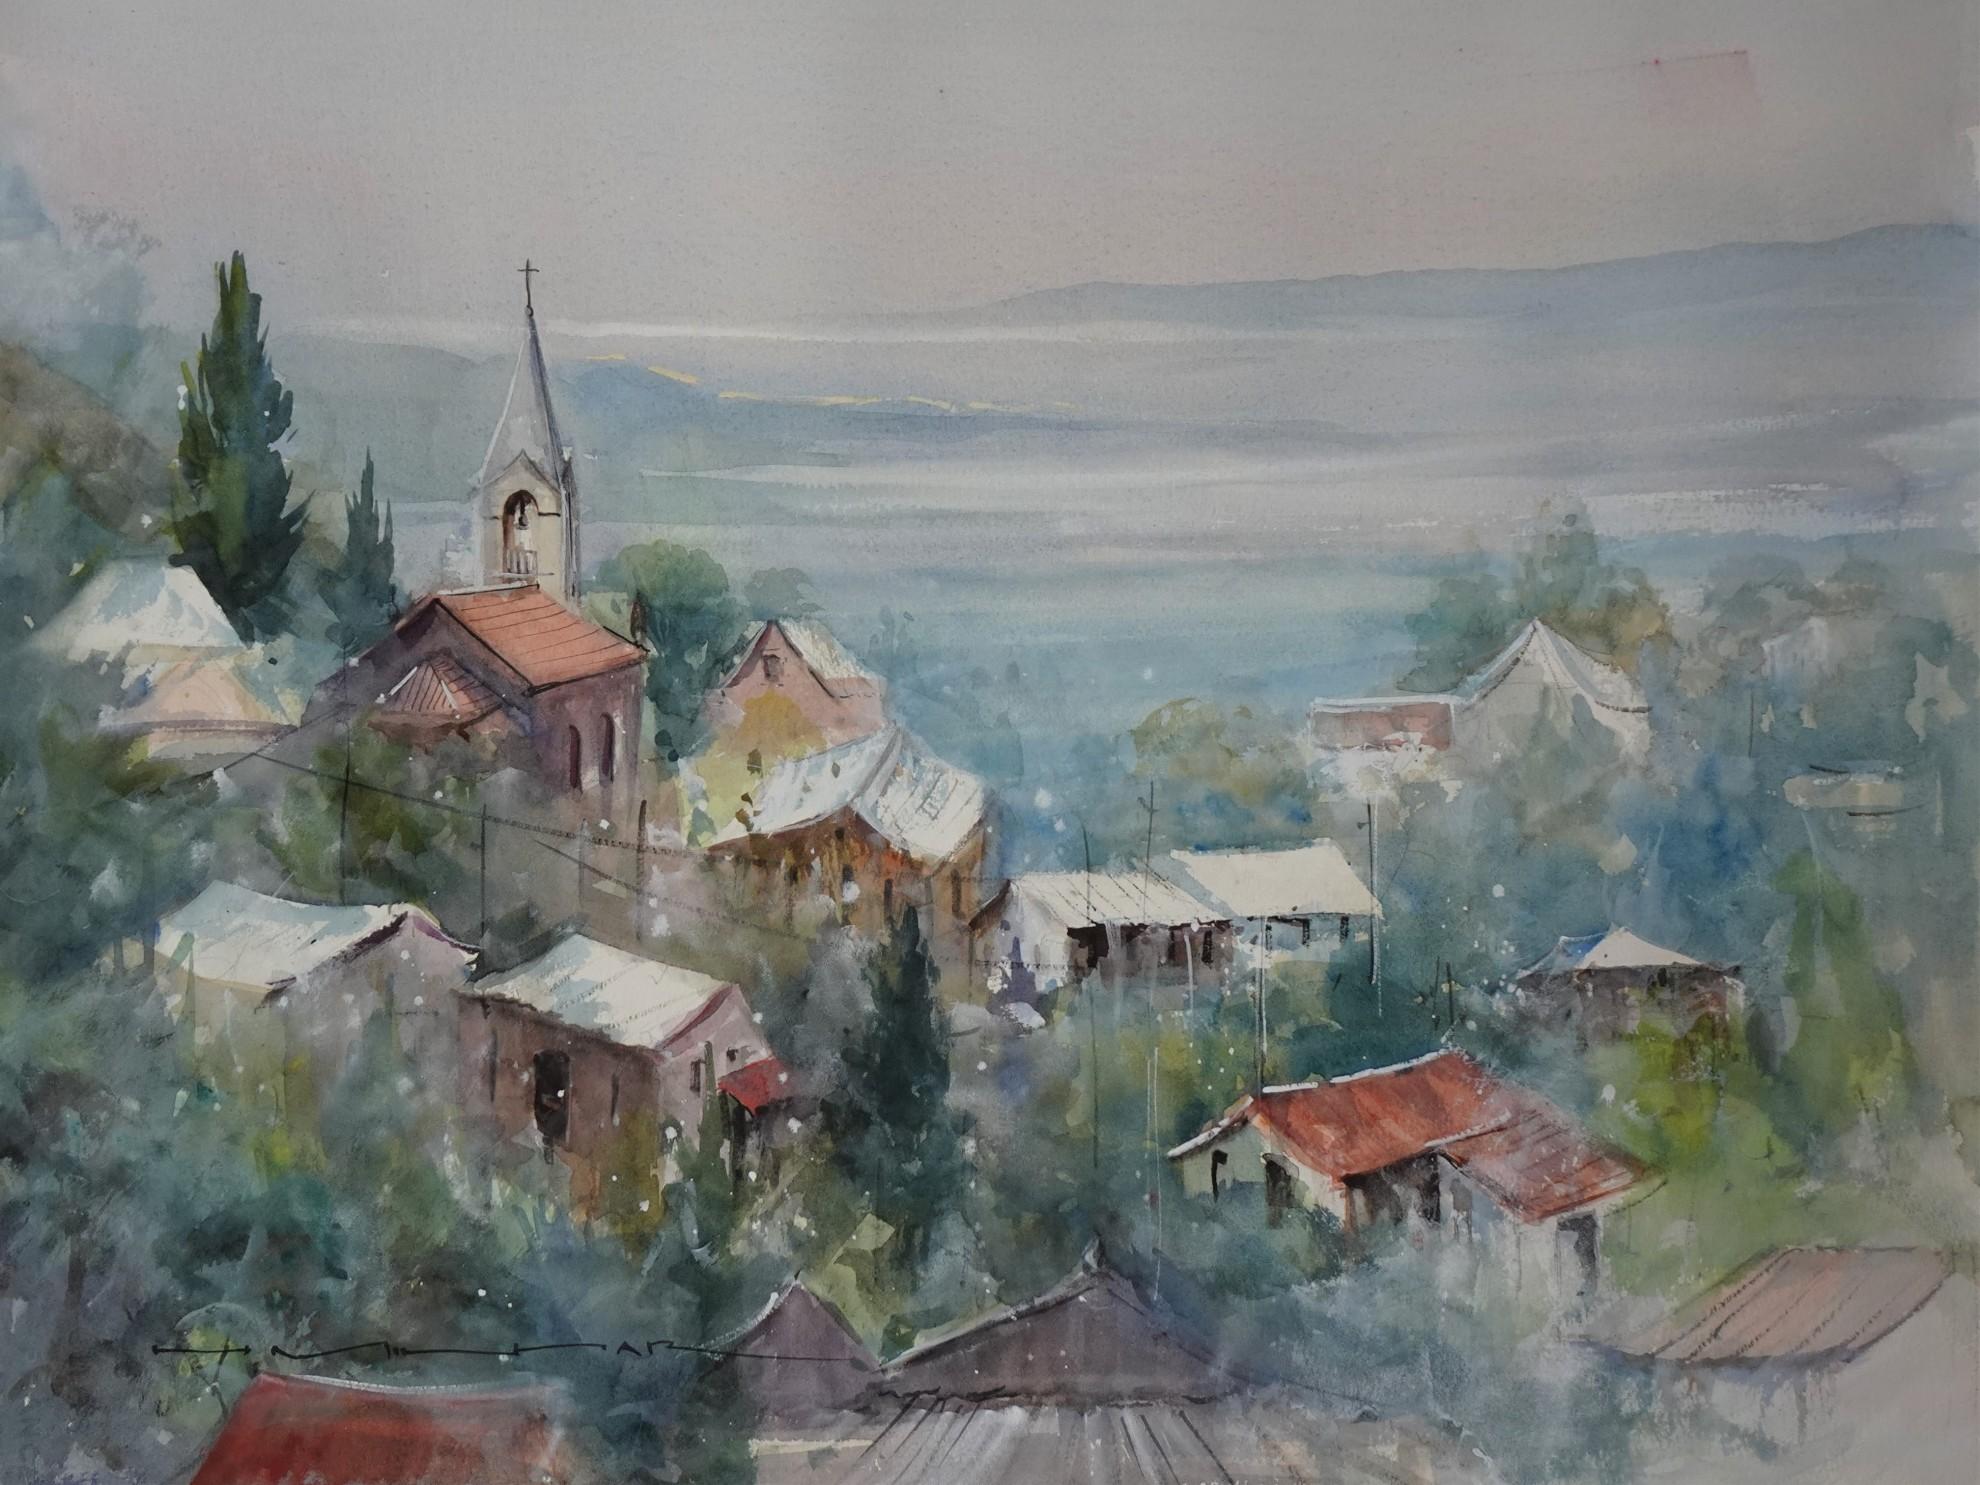 Croatian Impressions